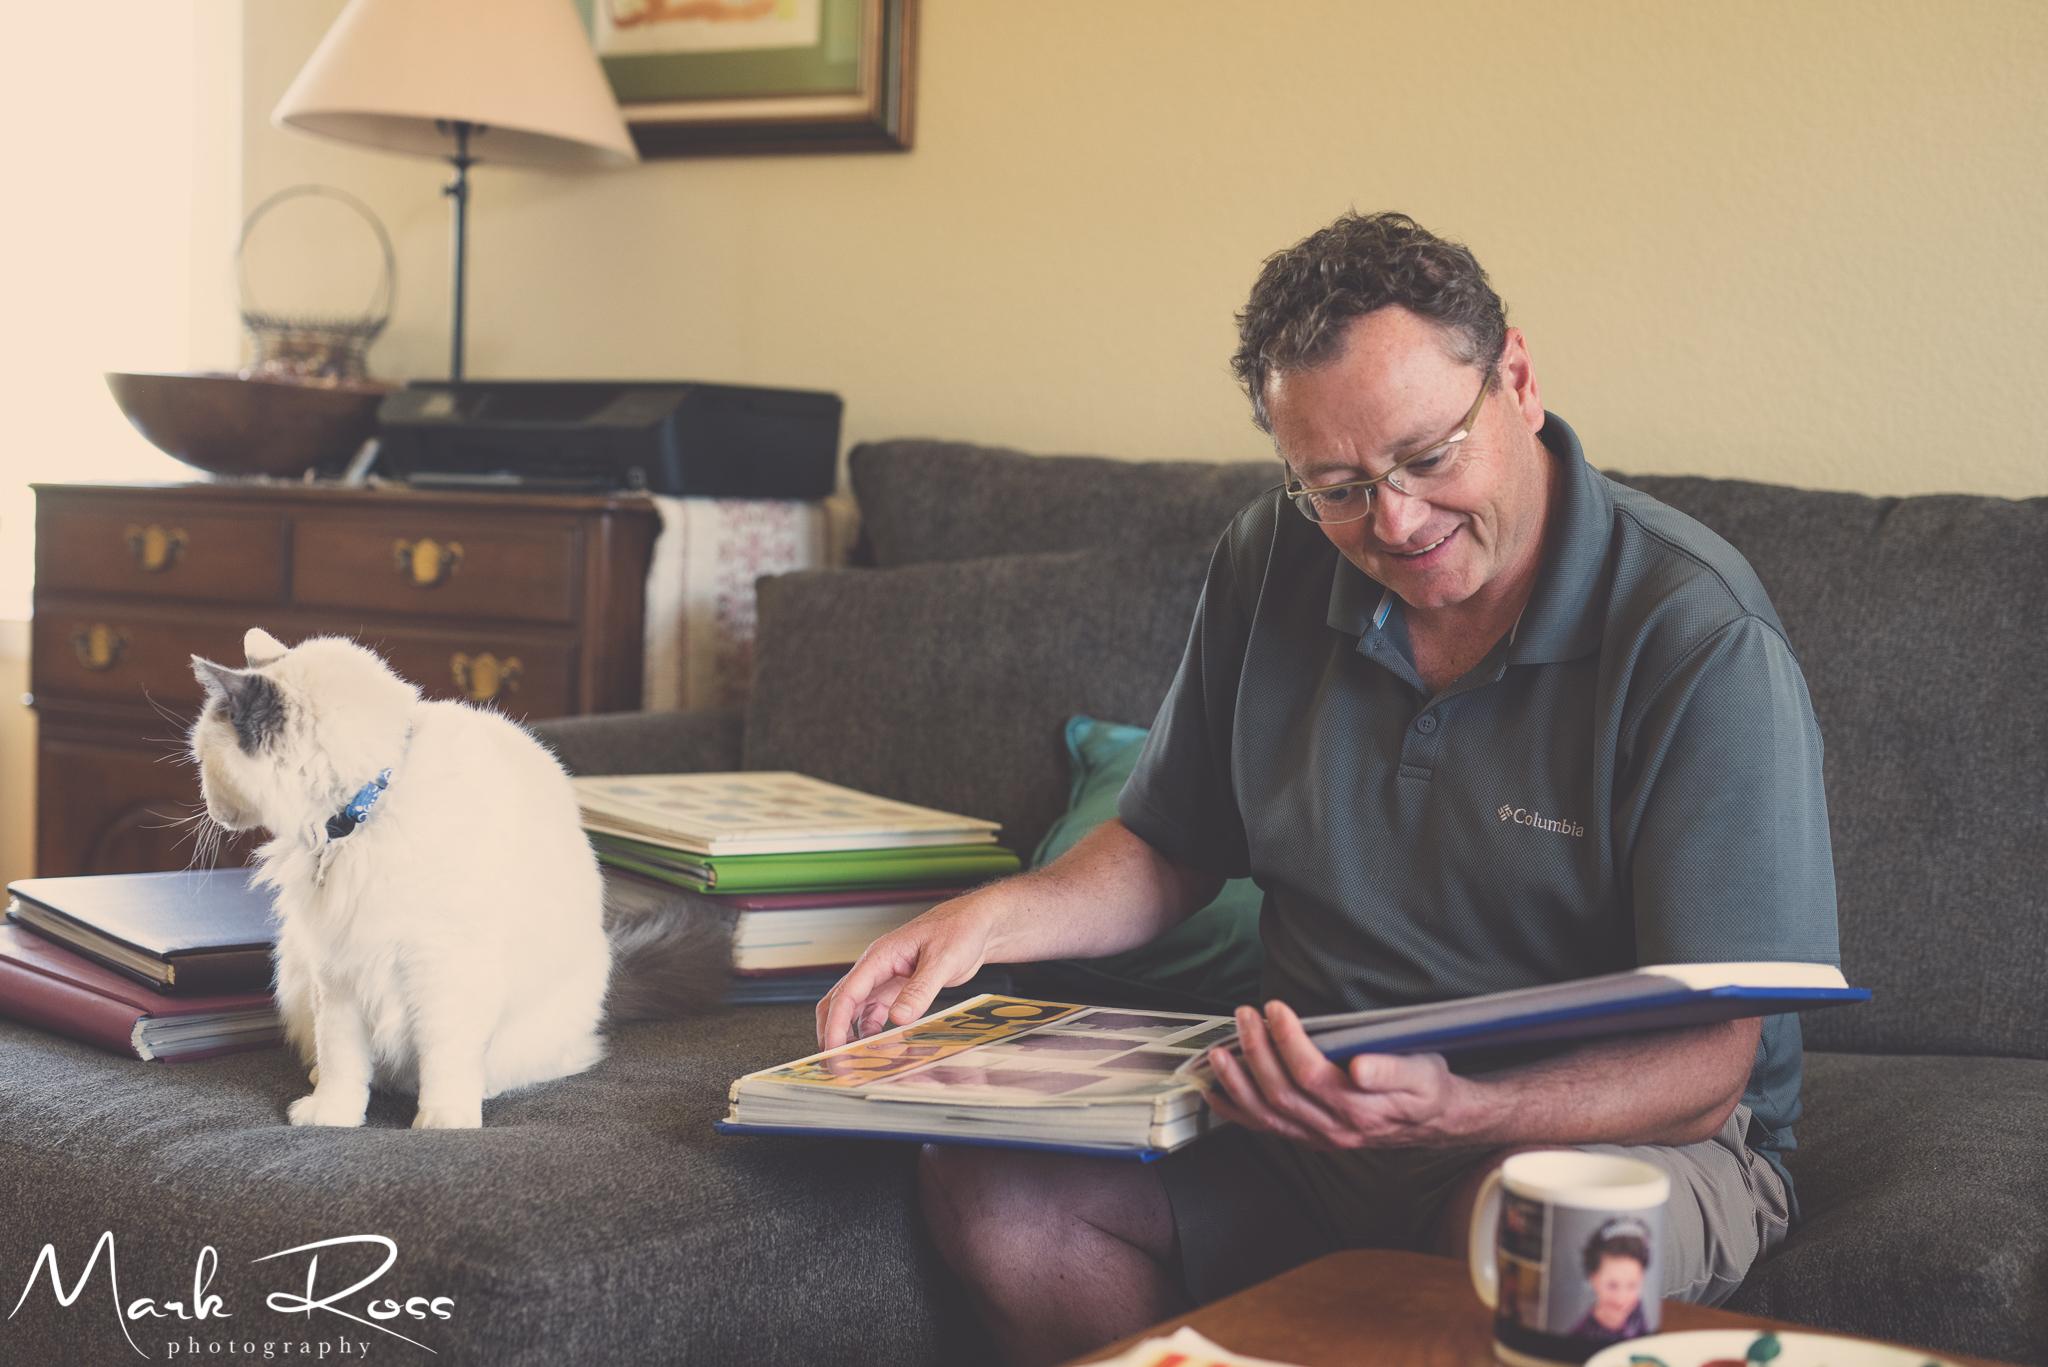 Denver-Family-Photographer-Mark-Ross-Photographer-Ahlstrand-Family-Watermarked-39.jpg